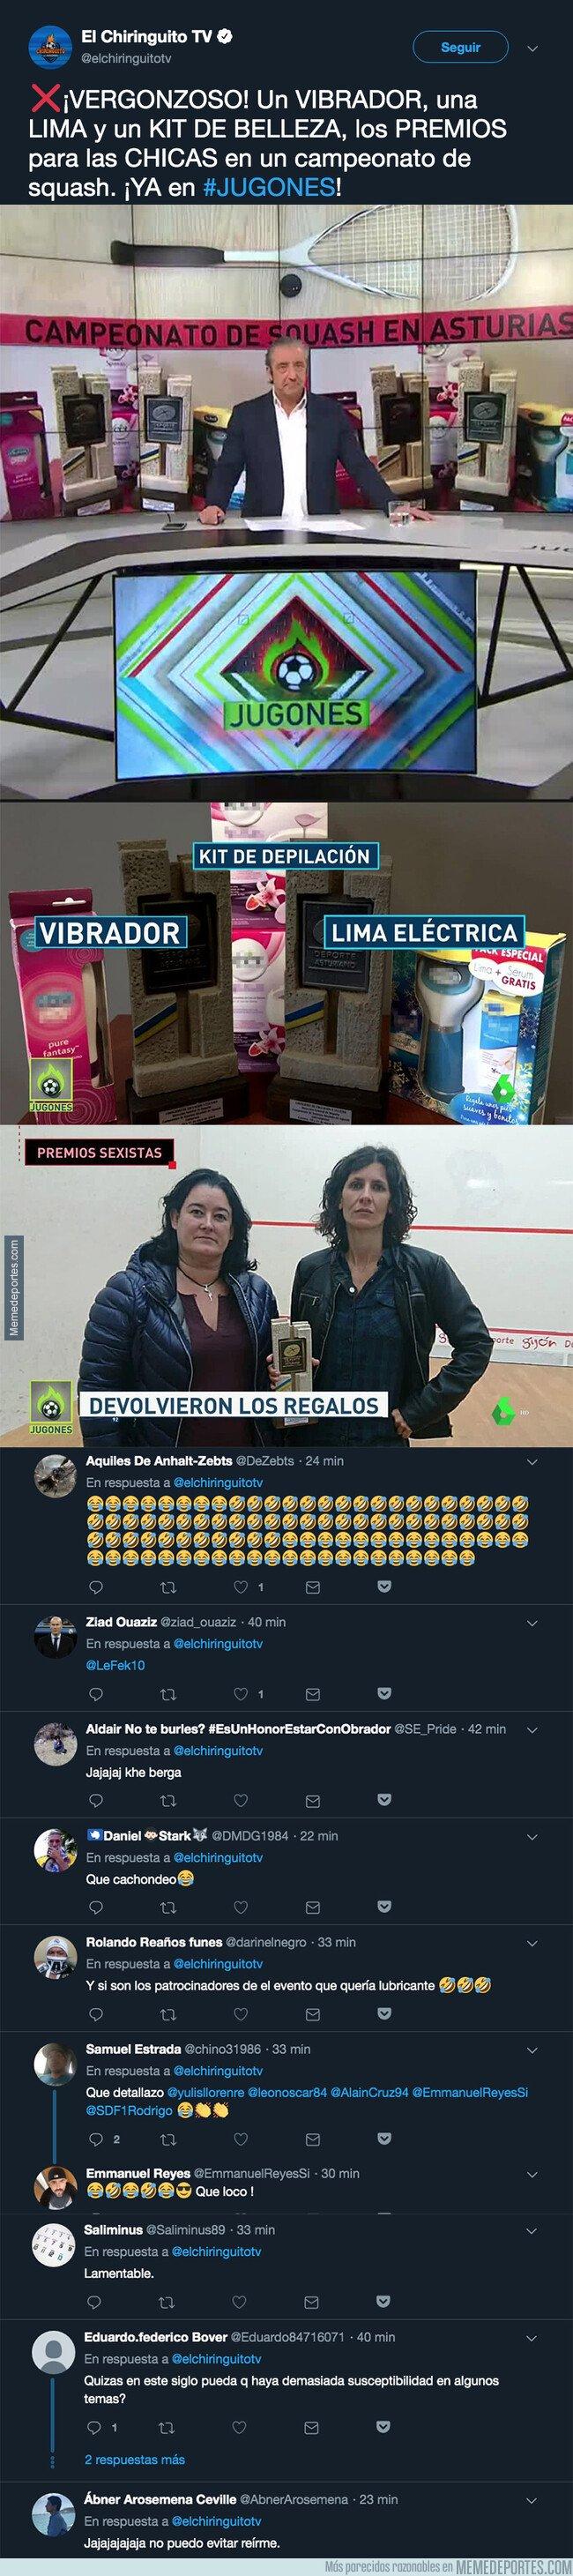 1075750 - El repugnante premio que se han llevado las campeonas de Squash en un torneo de Asturias